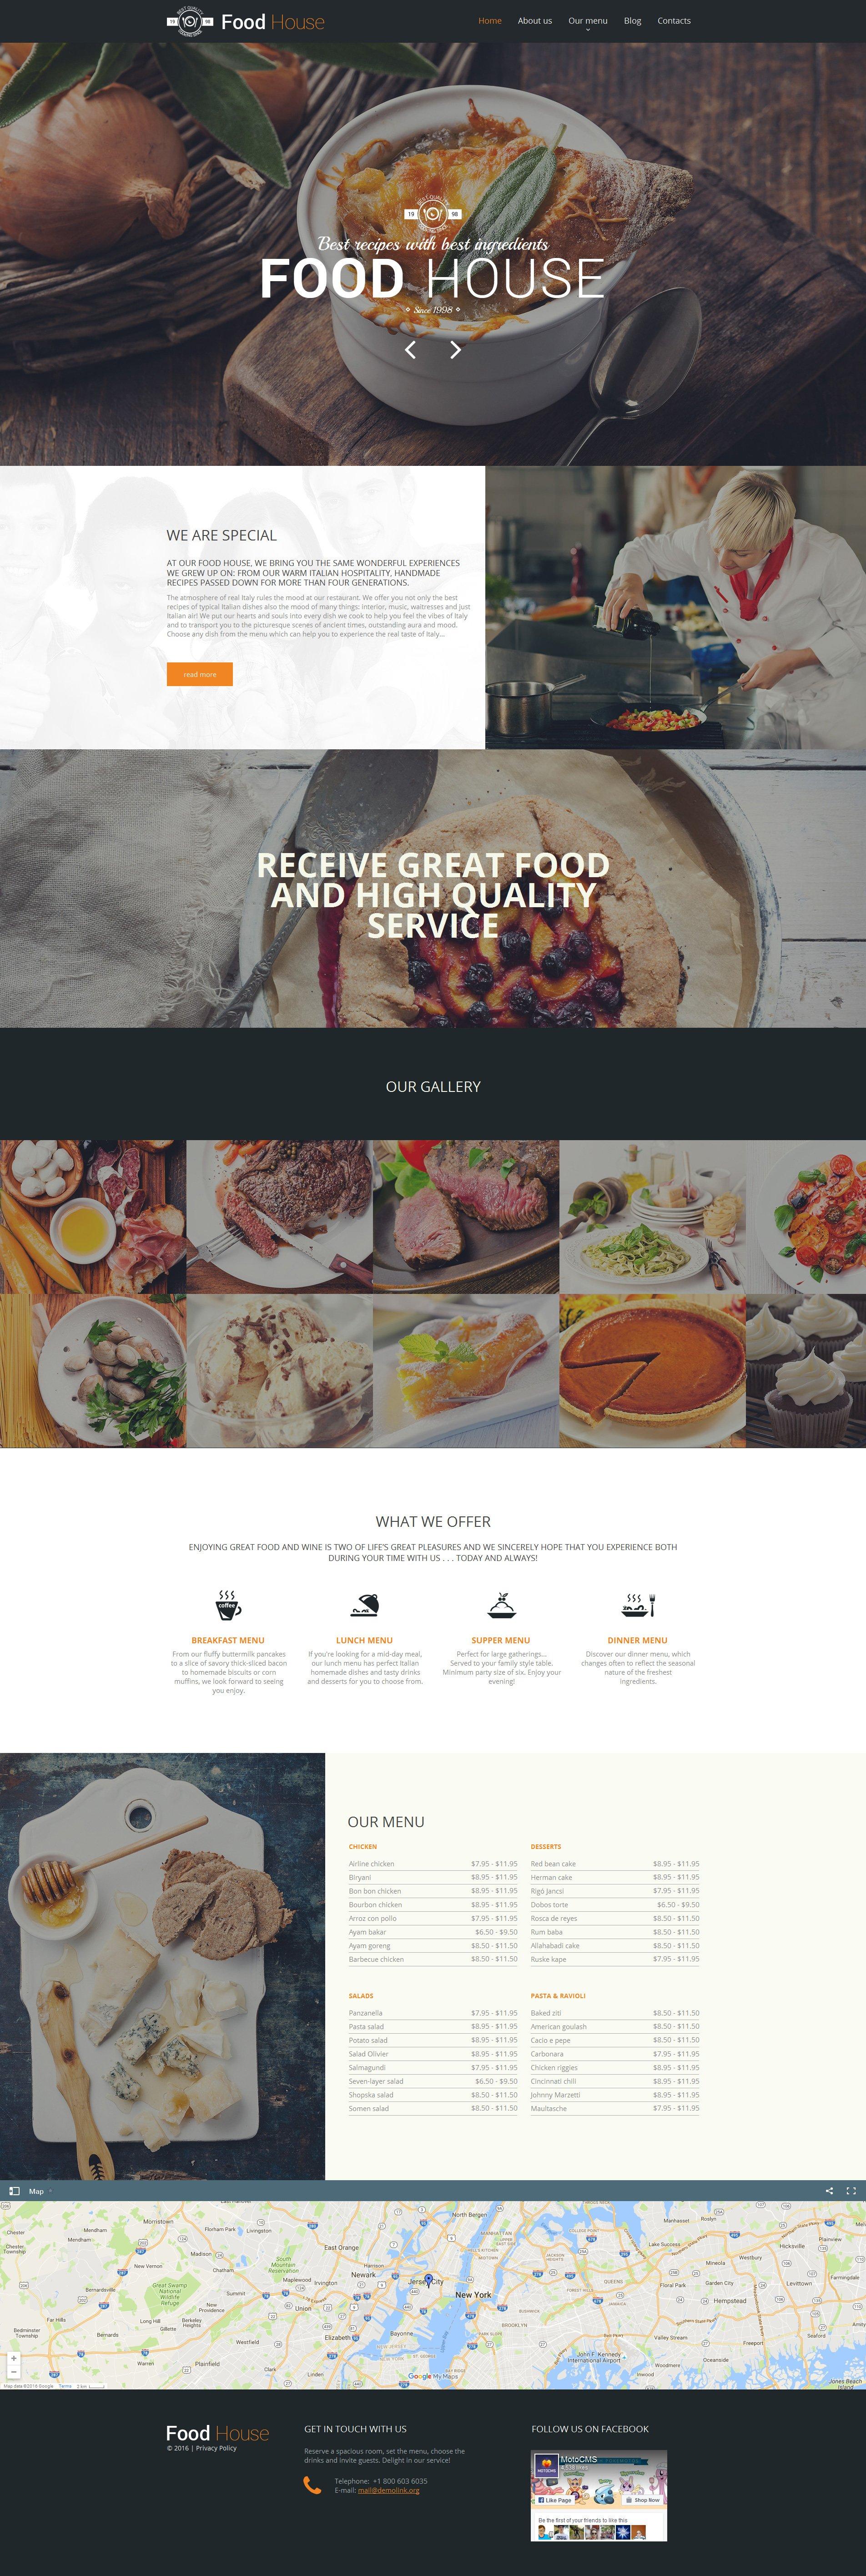 Modèle Moto CMS HTML Premium pour site d'alimentation et de boissons #59157